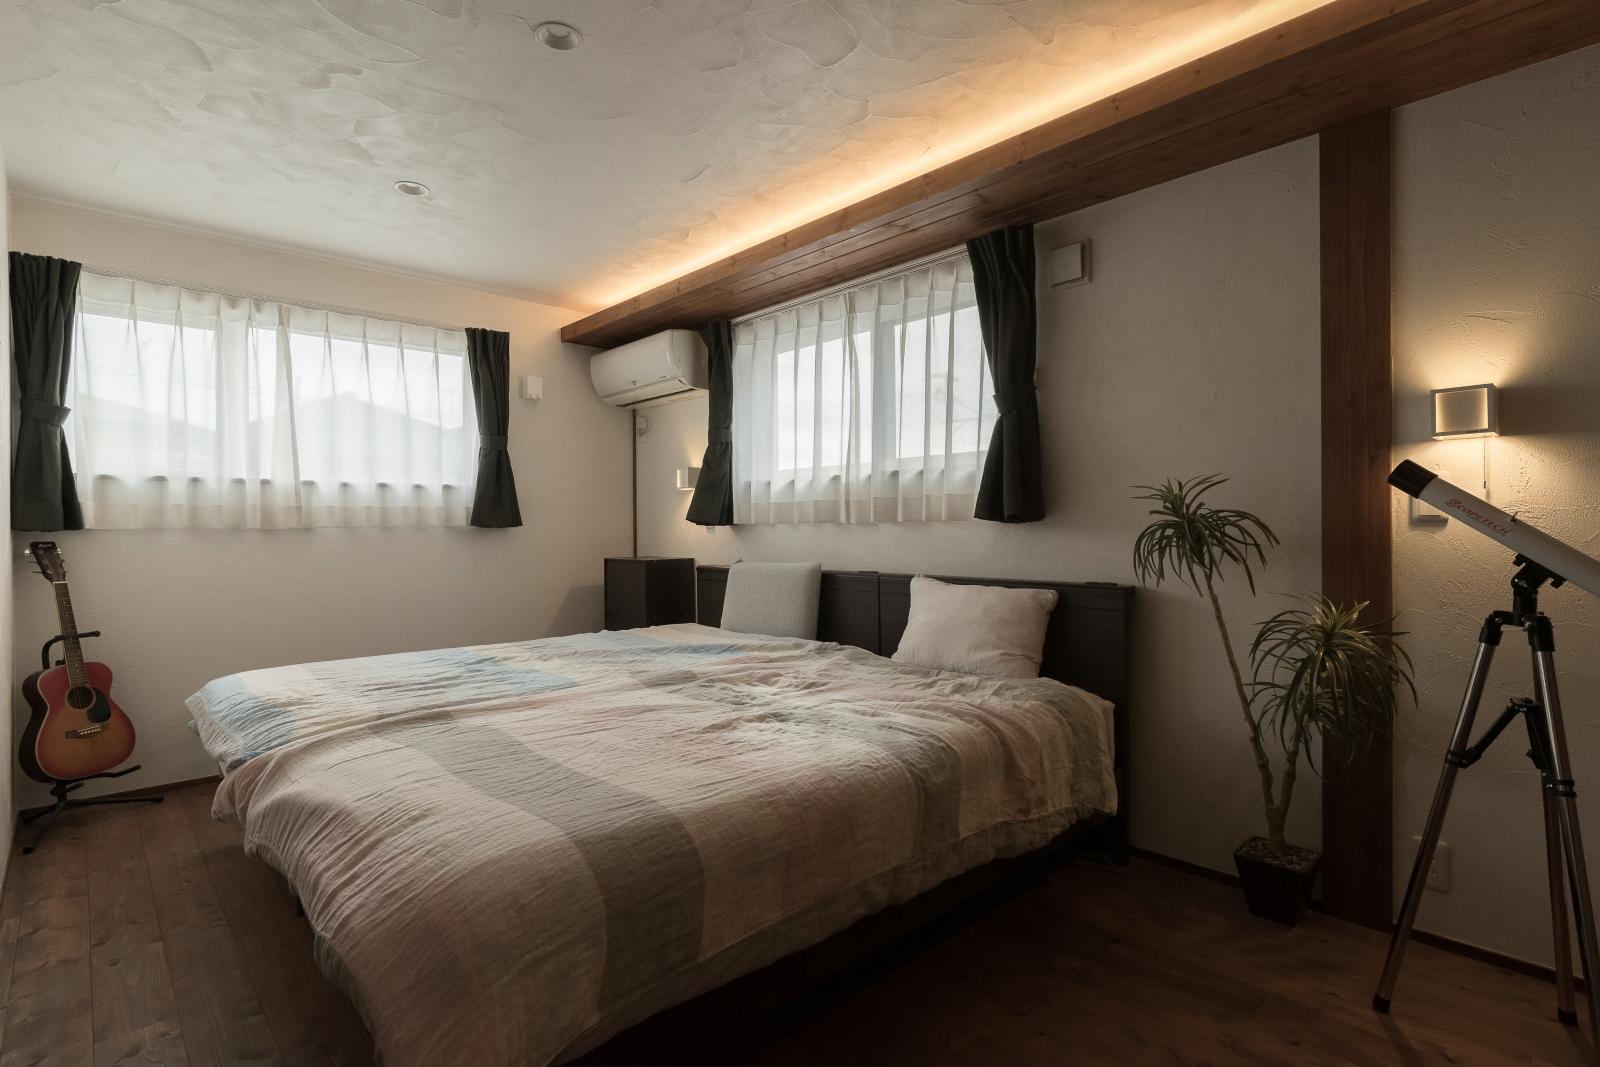 よく眠れる!程よい照明の寝室